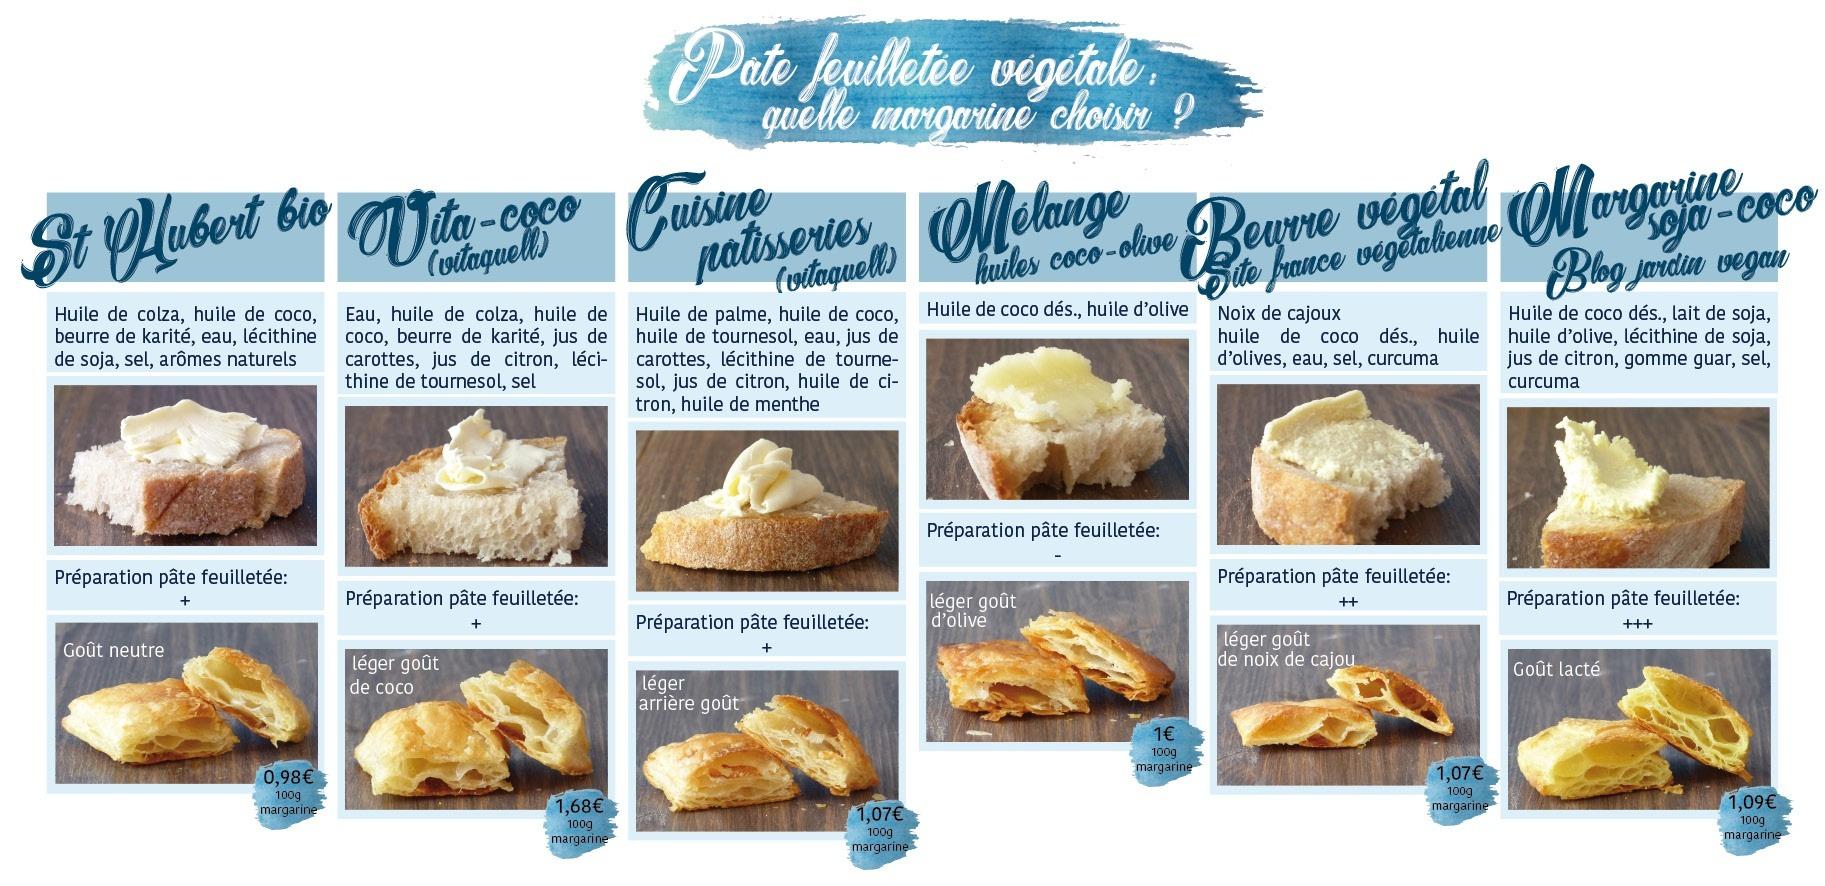 Pate feuilletee vegetale: tableau comparatif margarines